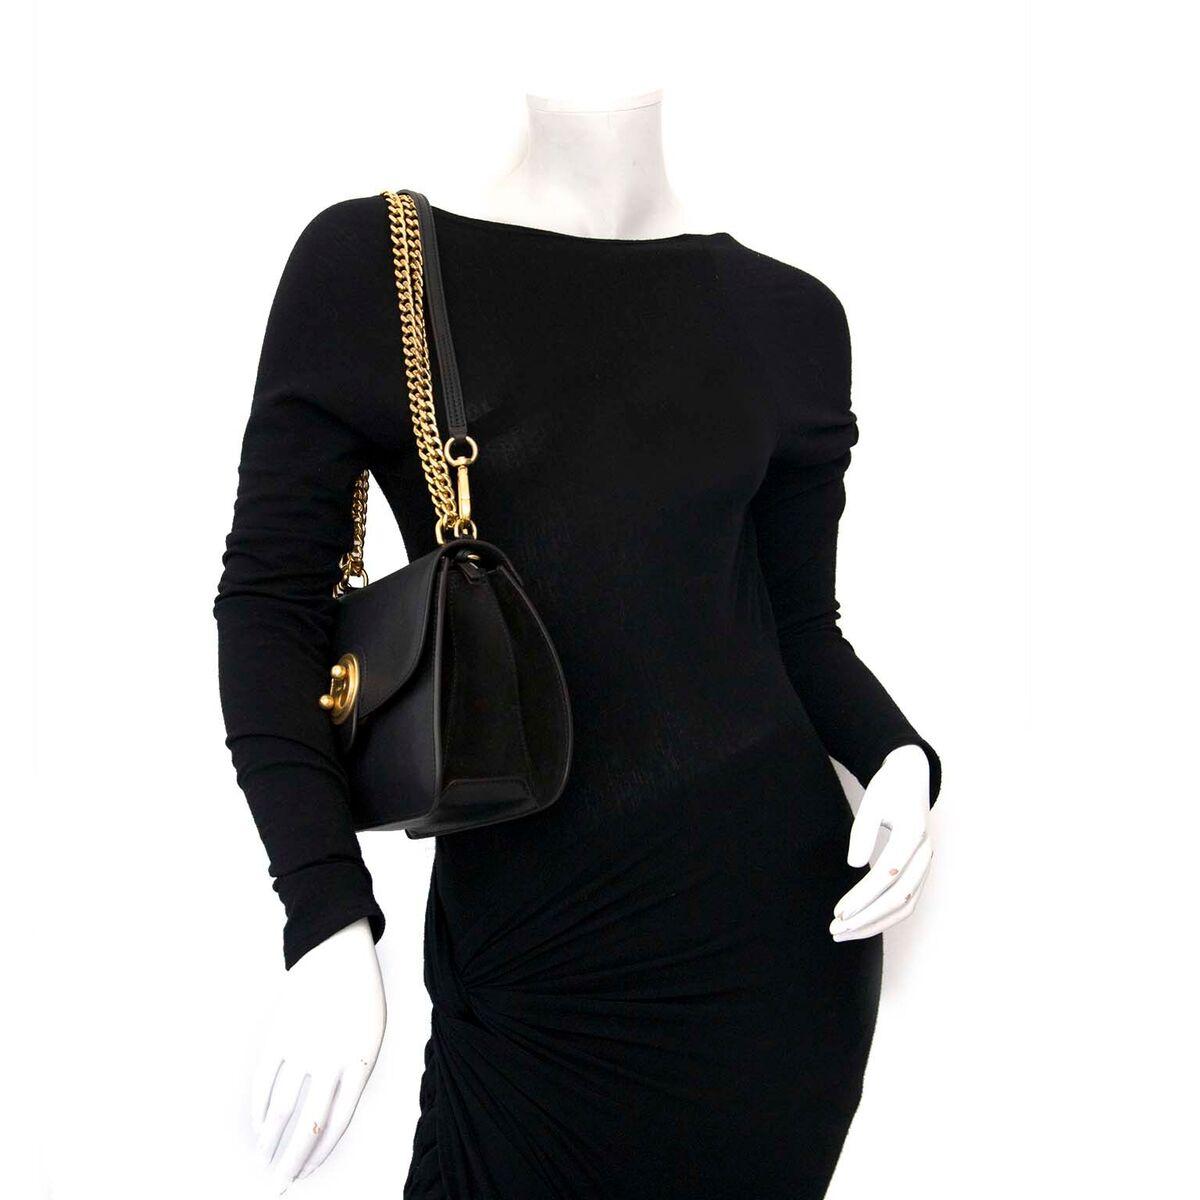 Koop authentieke tweedehands Chloé Milly tassen aan een eerlijke prijs bij LabelLOV. Veilig online shoppen.